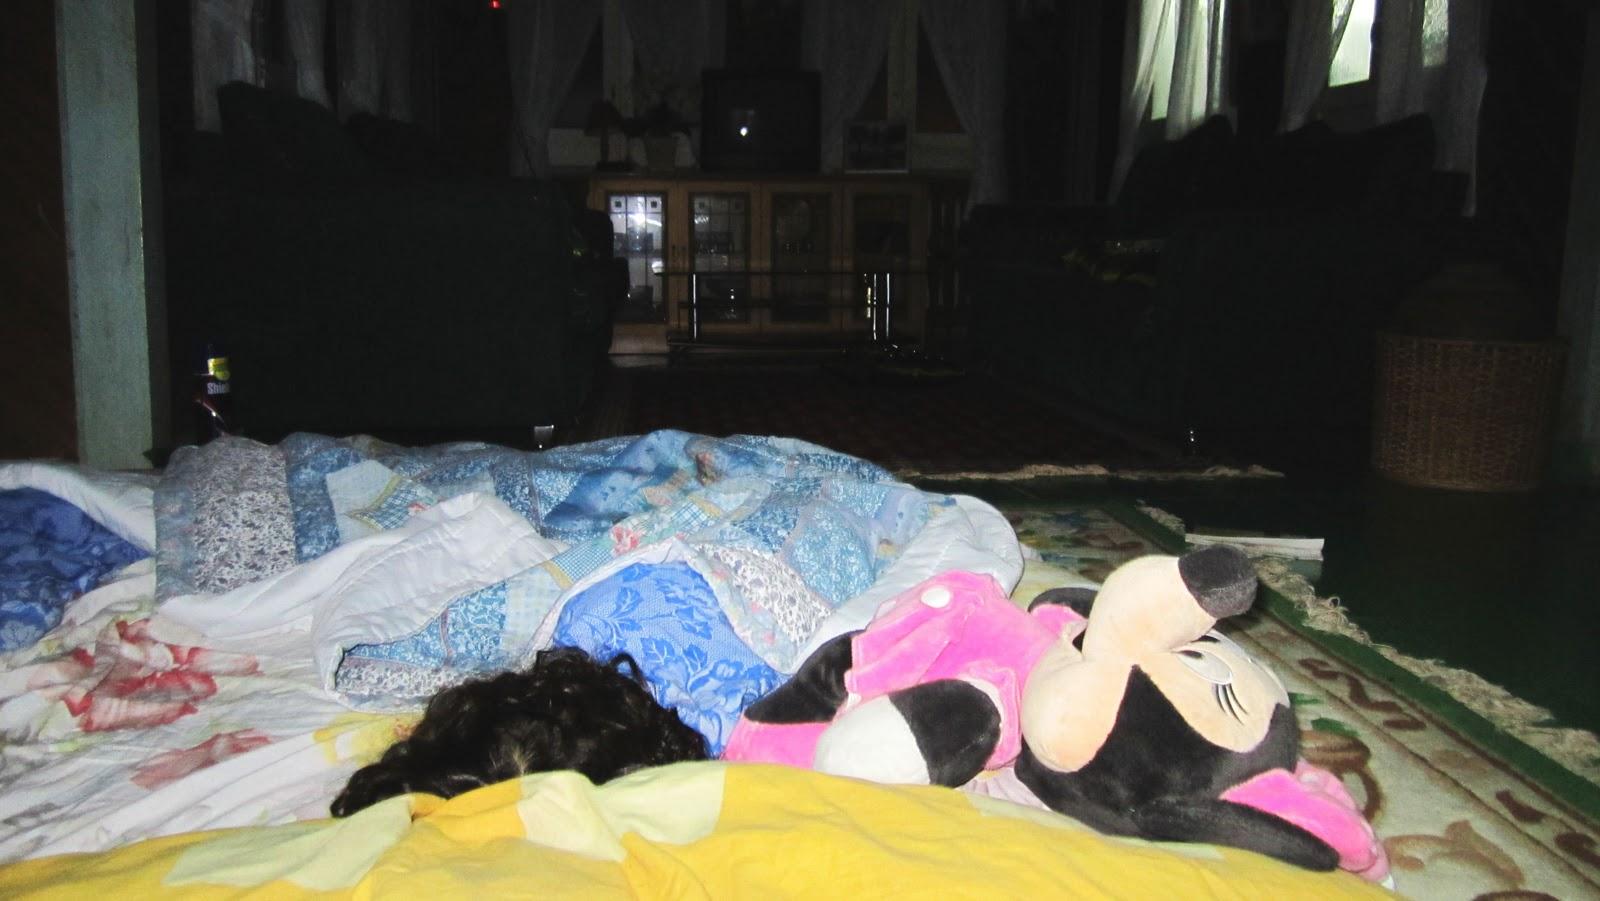 Dah Makan Main Tidur Di Kampung Uwan Sangat Nyaman Sejuk Semua Nak Ruang Tamu Bilik Tinggal Kosong Ajer Selalunya Kalau Ramai Macam2